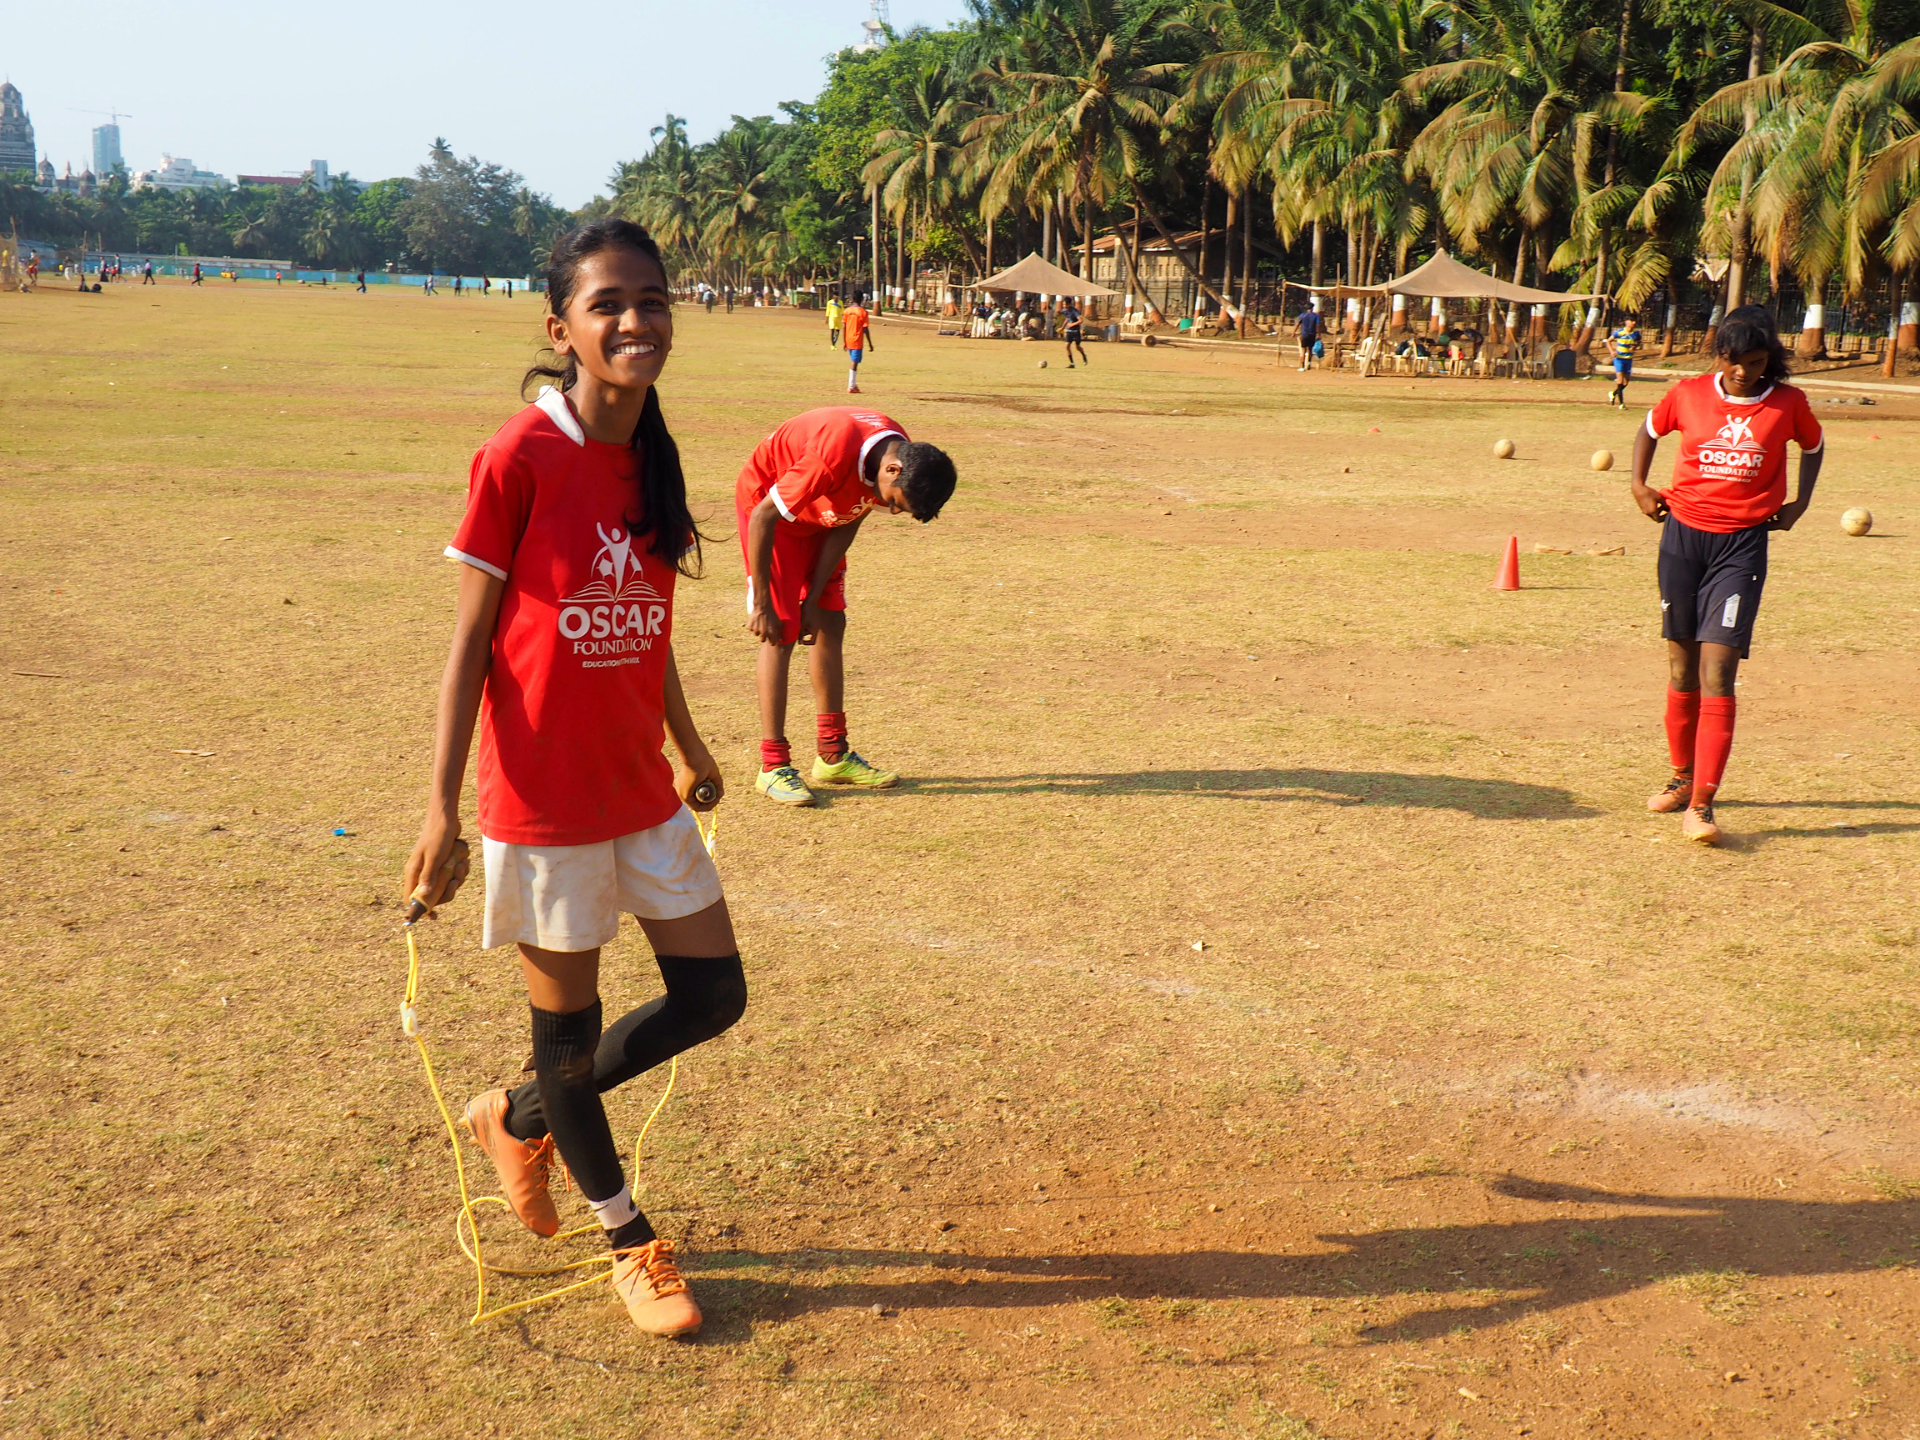 Aarti Rathod var tidigare inte särskilt intresserad av fotboll. Men en vän lockade in henne till sporten. Foto Karl Sundström